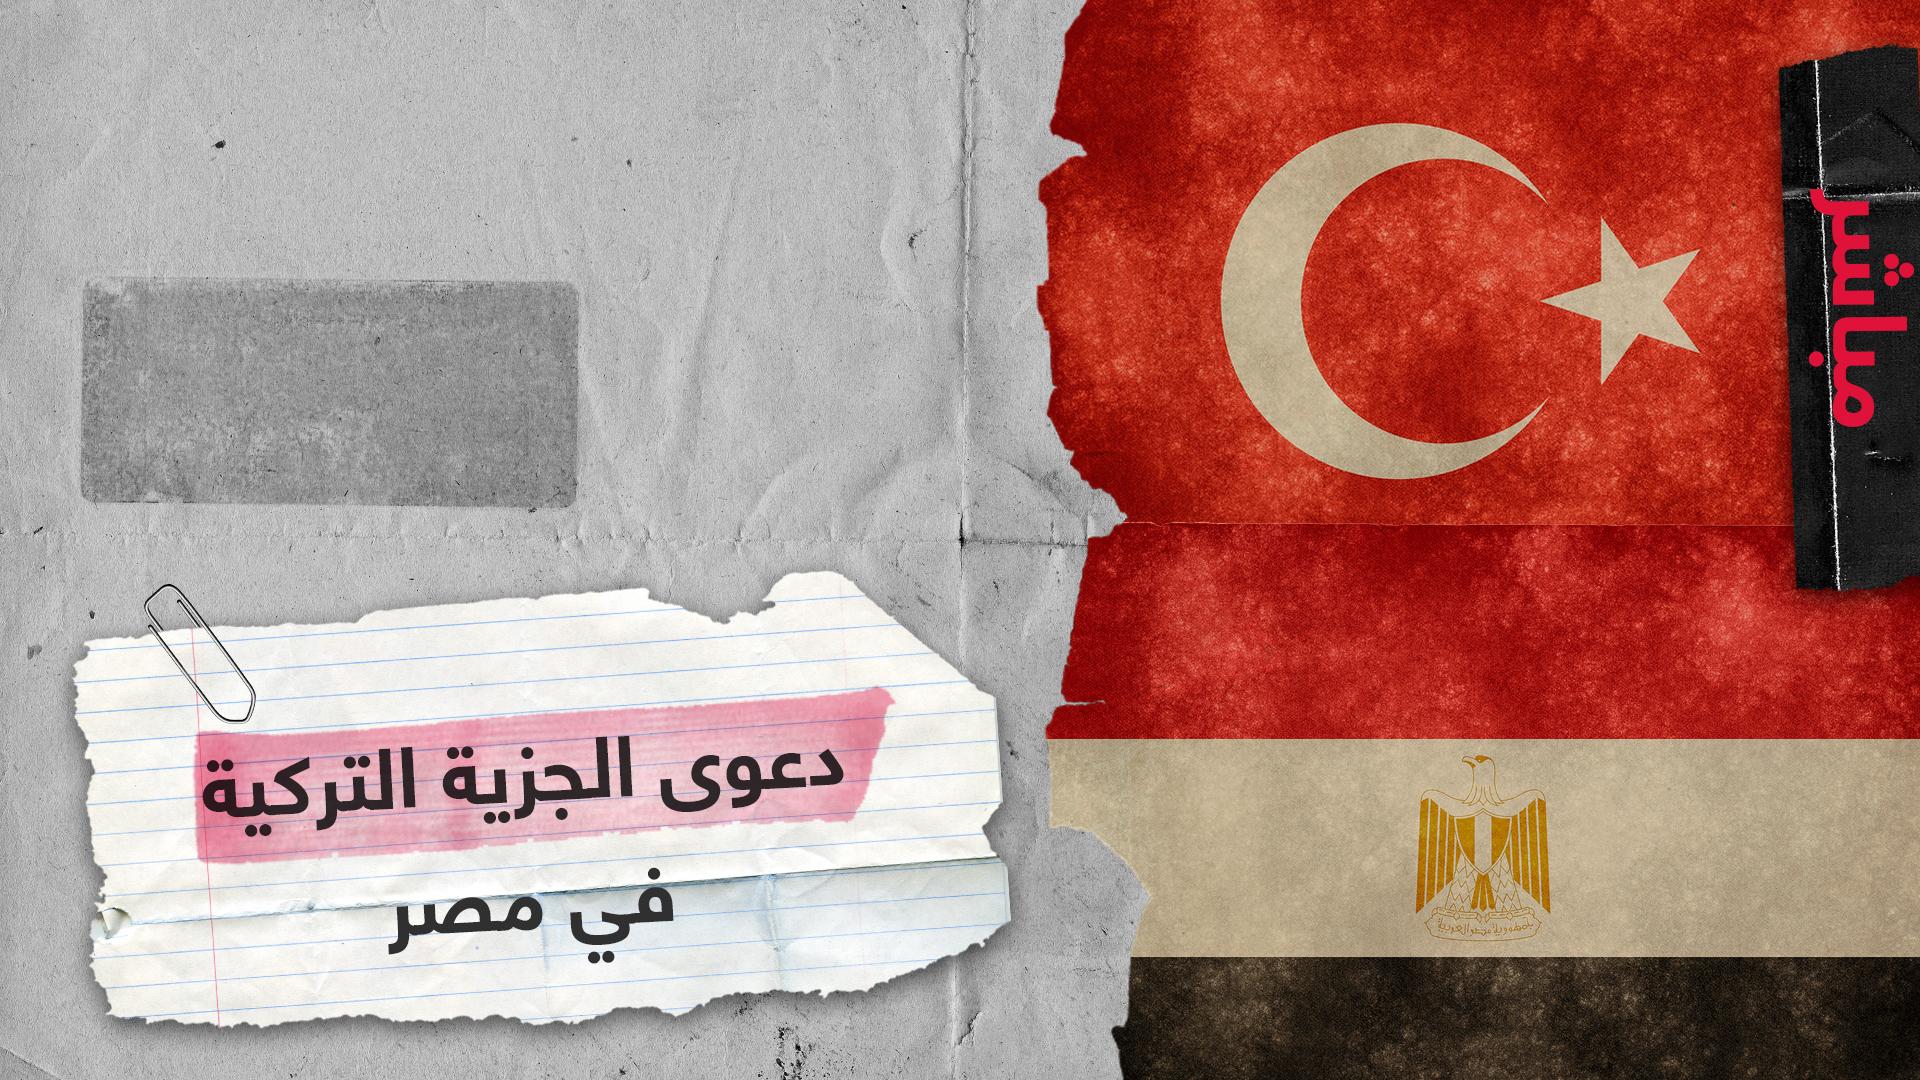 دعوى قضائية في مصر تطالب بأموال الجزية في زمن العثمانيين